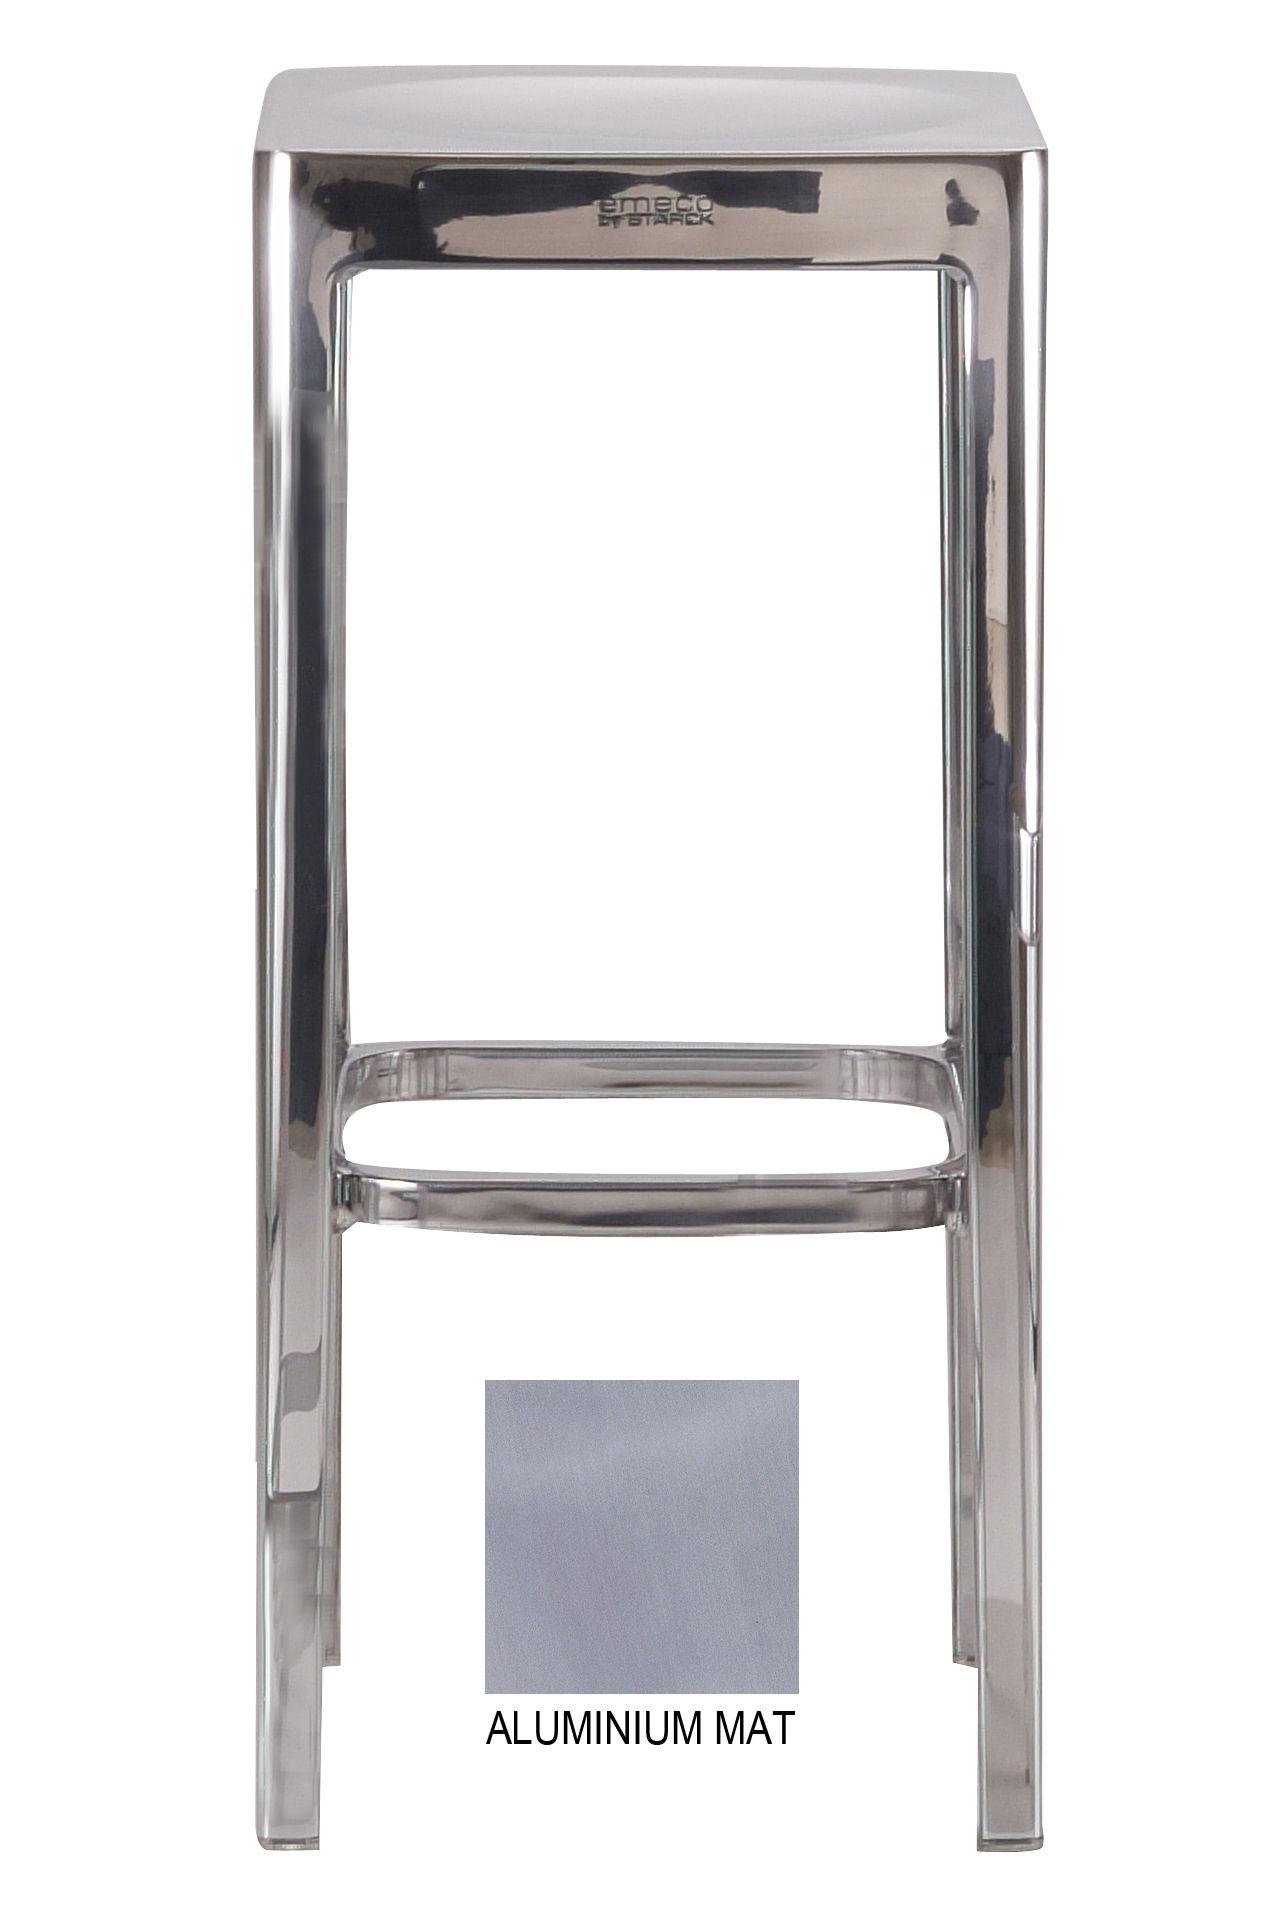 Arredamento - Sgabelli da bar  - Sgabello bar Outdoor - h 76 cm di Emeco - Alluminio opaco - Aluminium recyclé